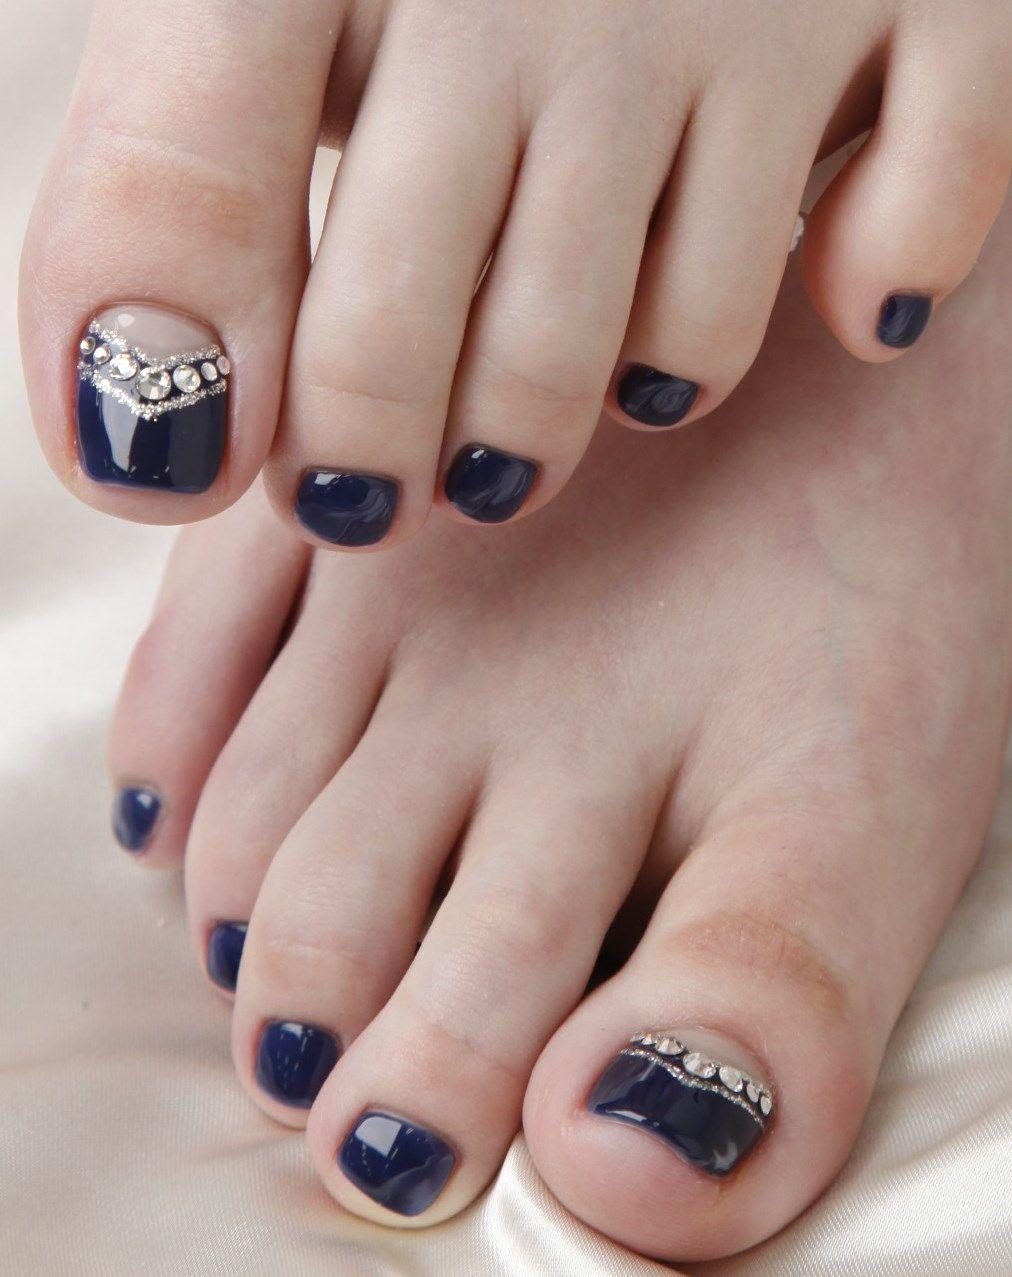 Uñas decoradas para pies lindos diseños in nail art